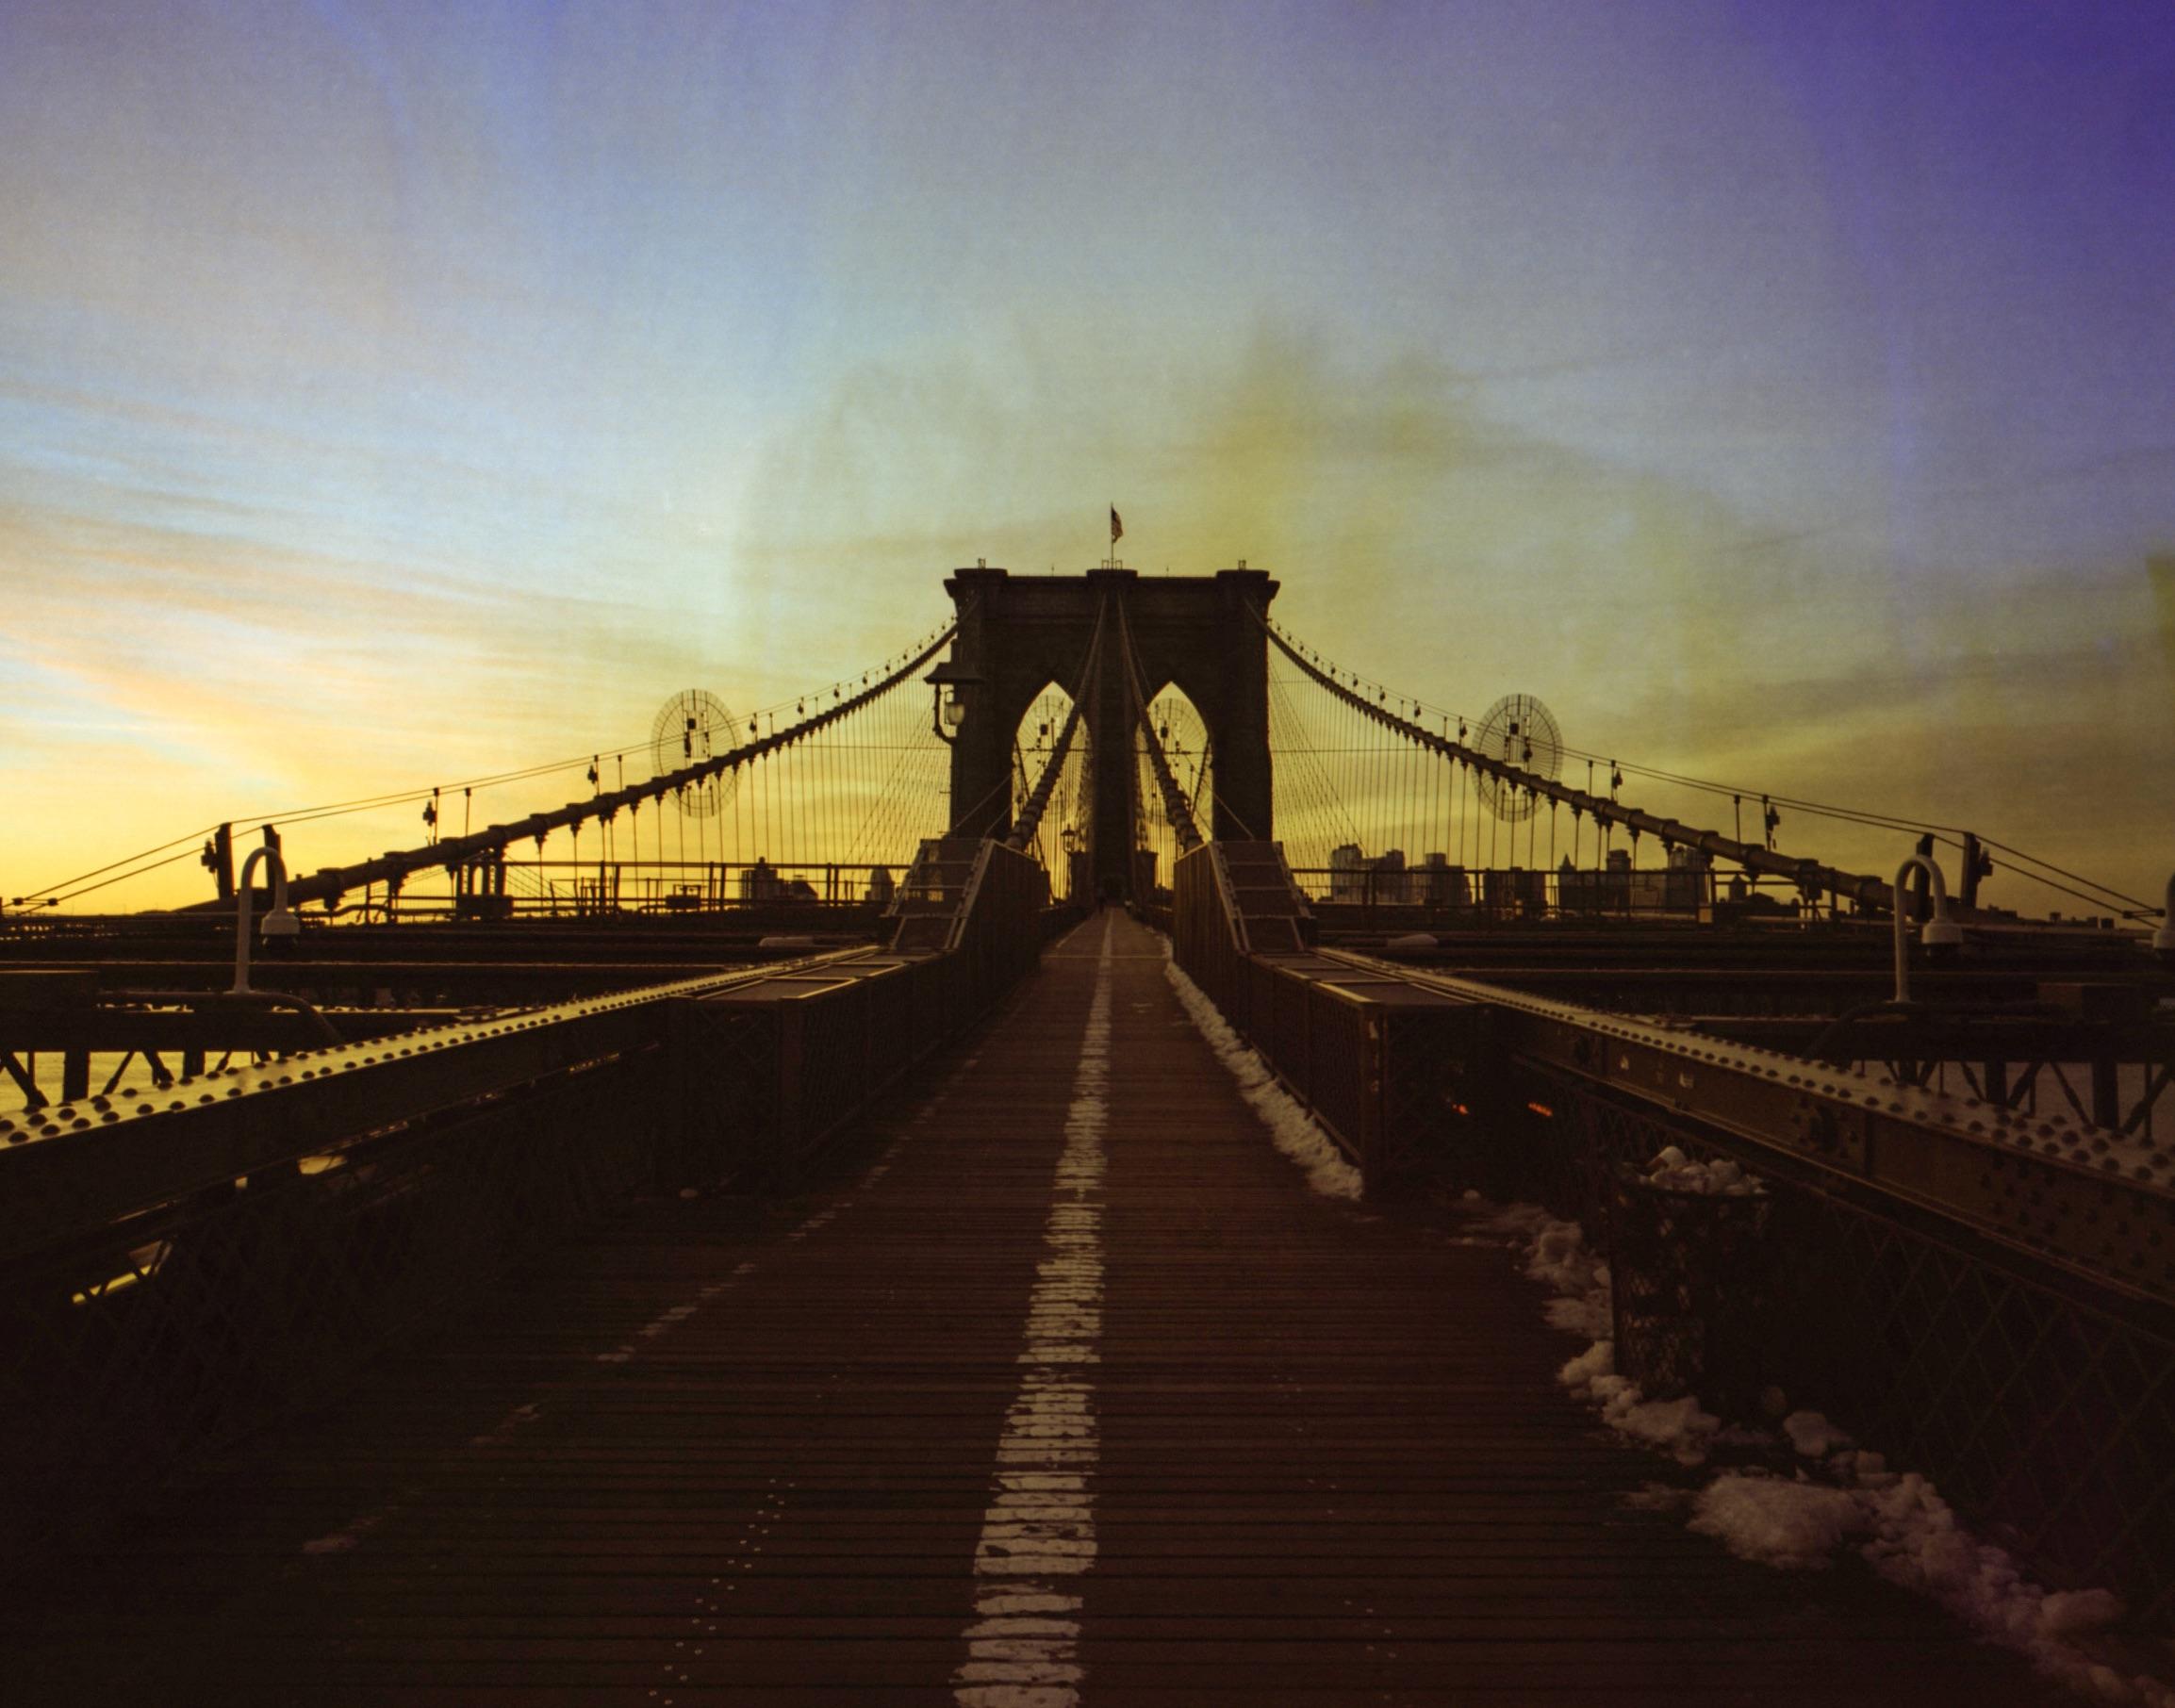 тату фотографировать рассвет с моста учебных центров вмф